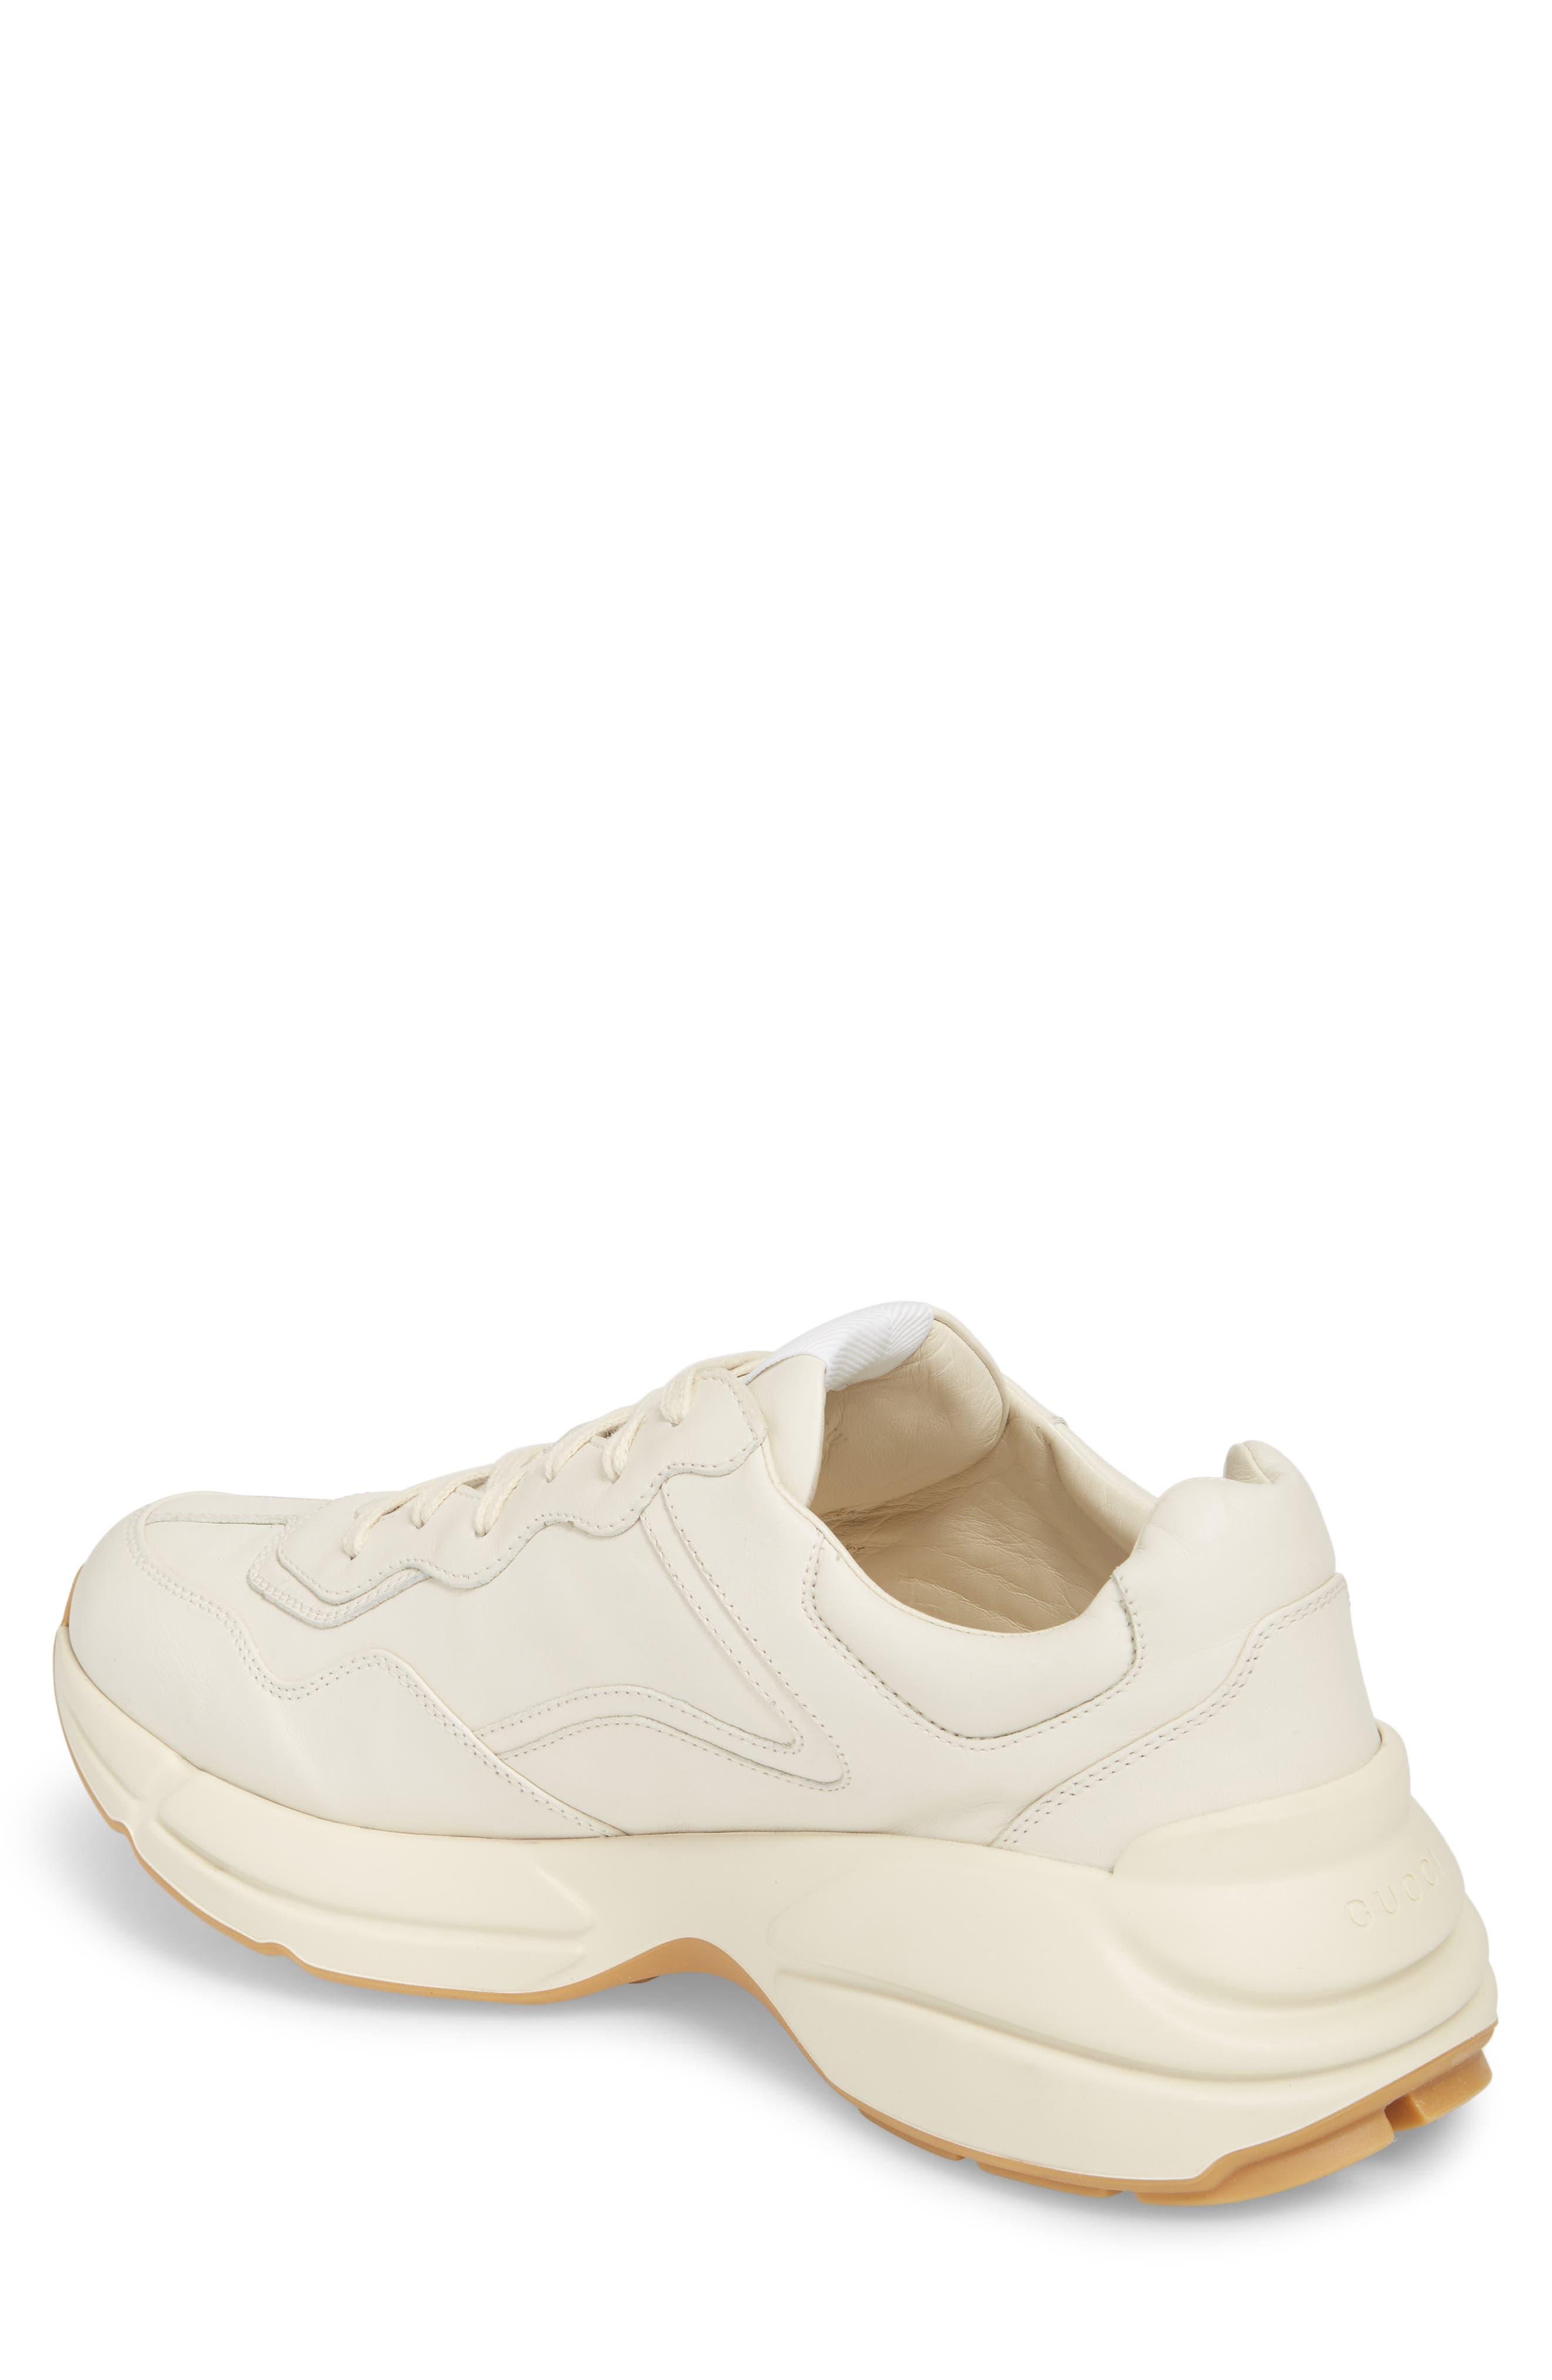 Rhyton Sneaker,                             Alternate thumbnail 2, color,                             MYSTIC WHITE